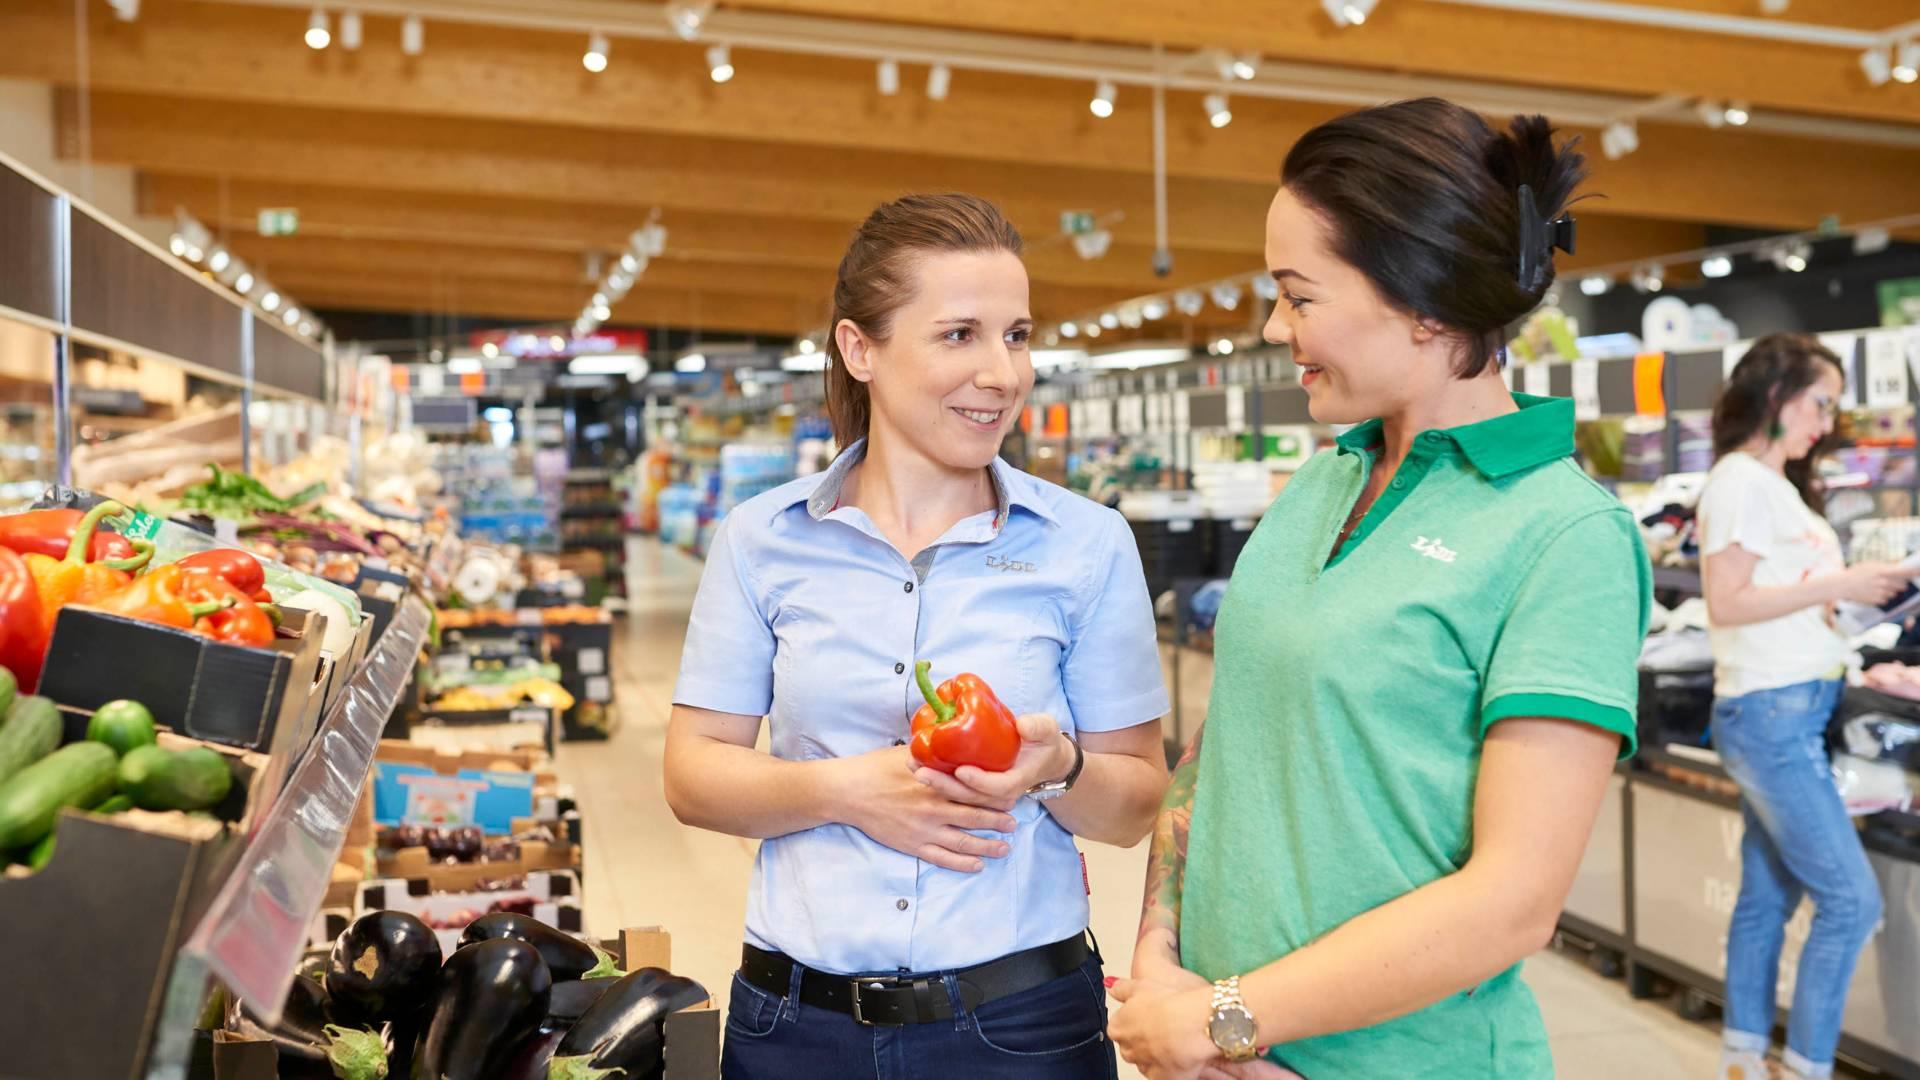 Praca w sklepie lidla. Pracownicy sklepu stoją przy półce z warzywami i sprawdzają jakość produktów.